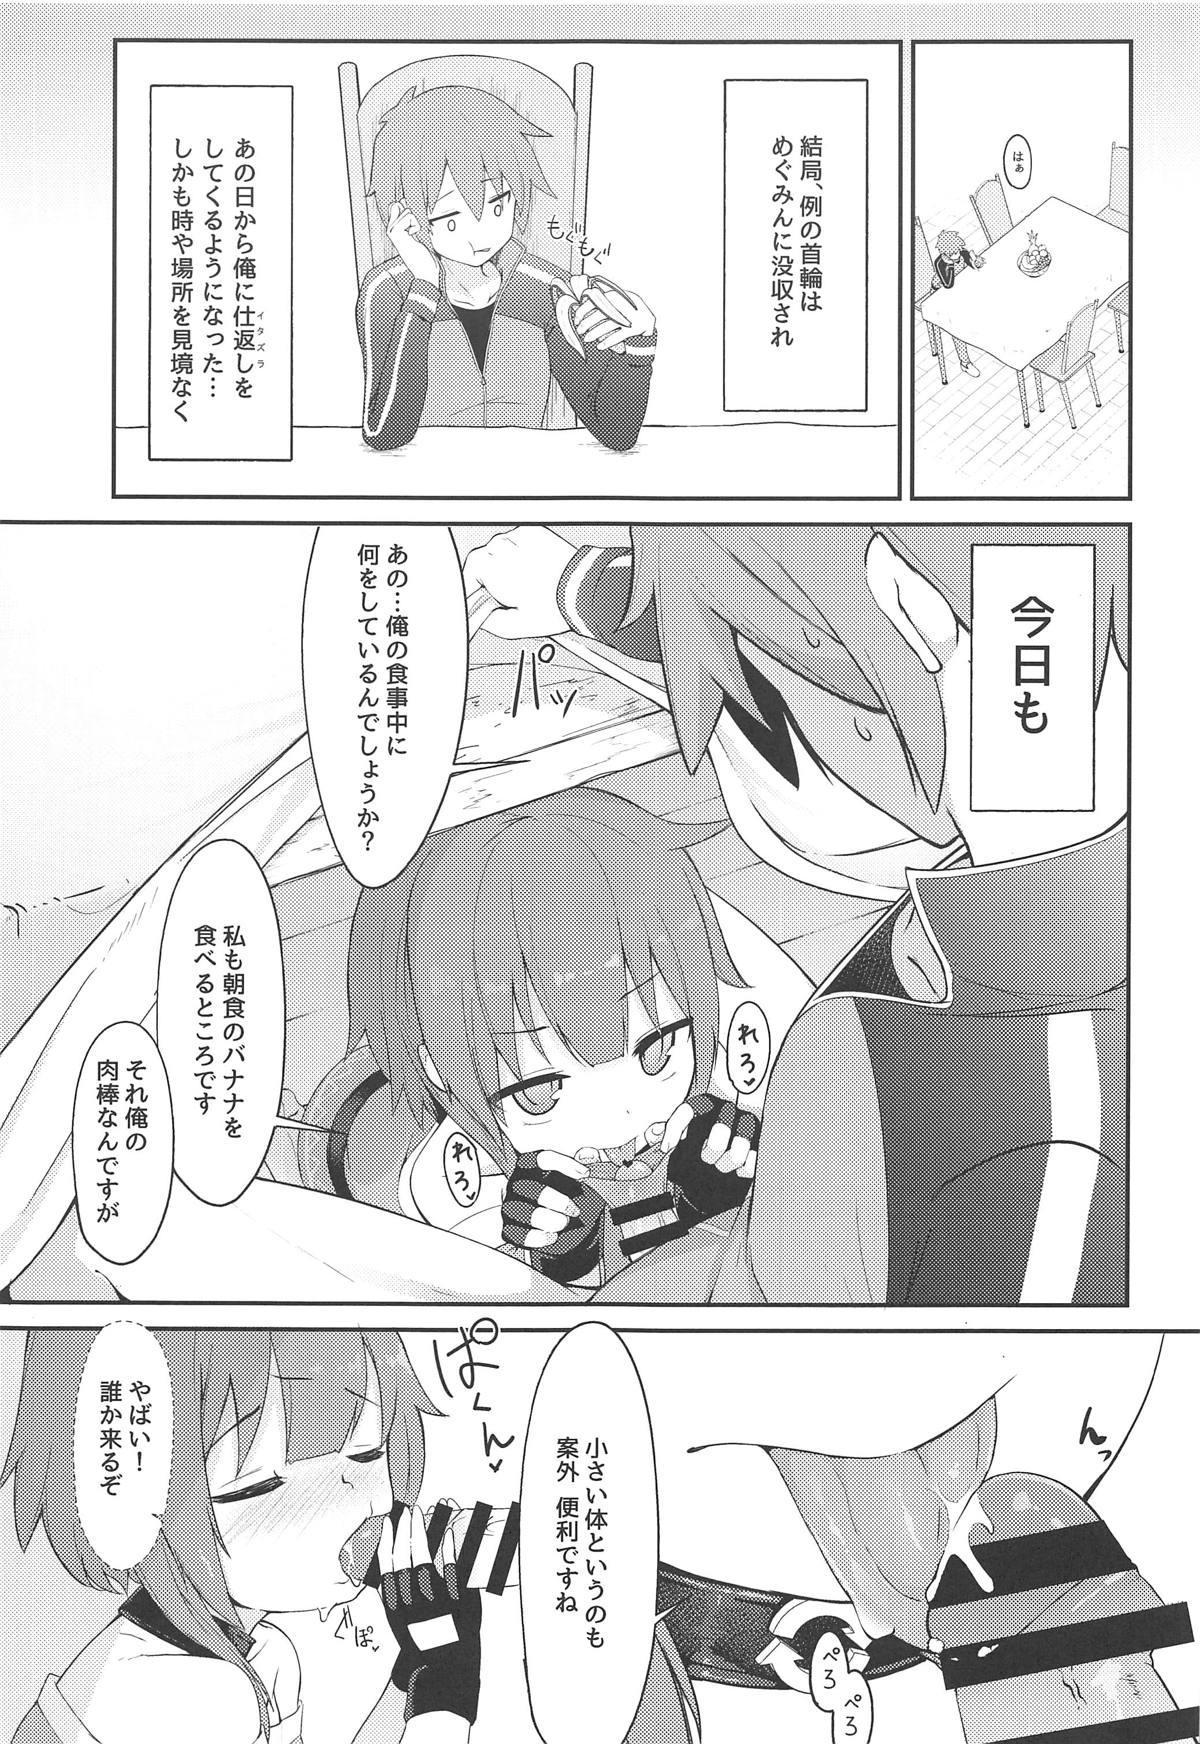 Lolikko Megumin o Kouryaku Seyo! 17